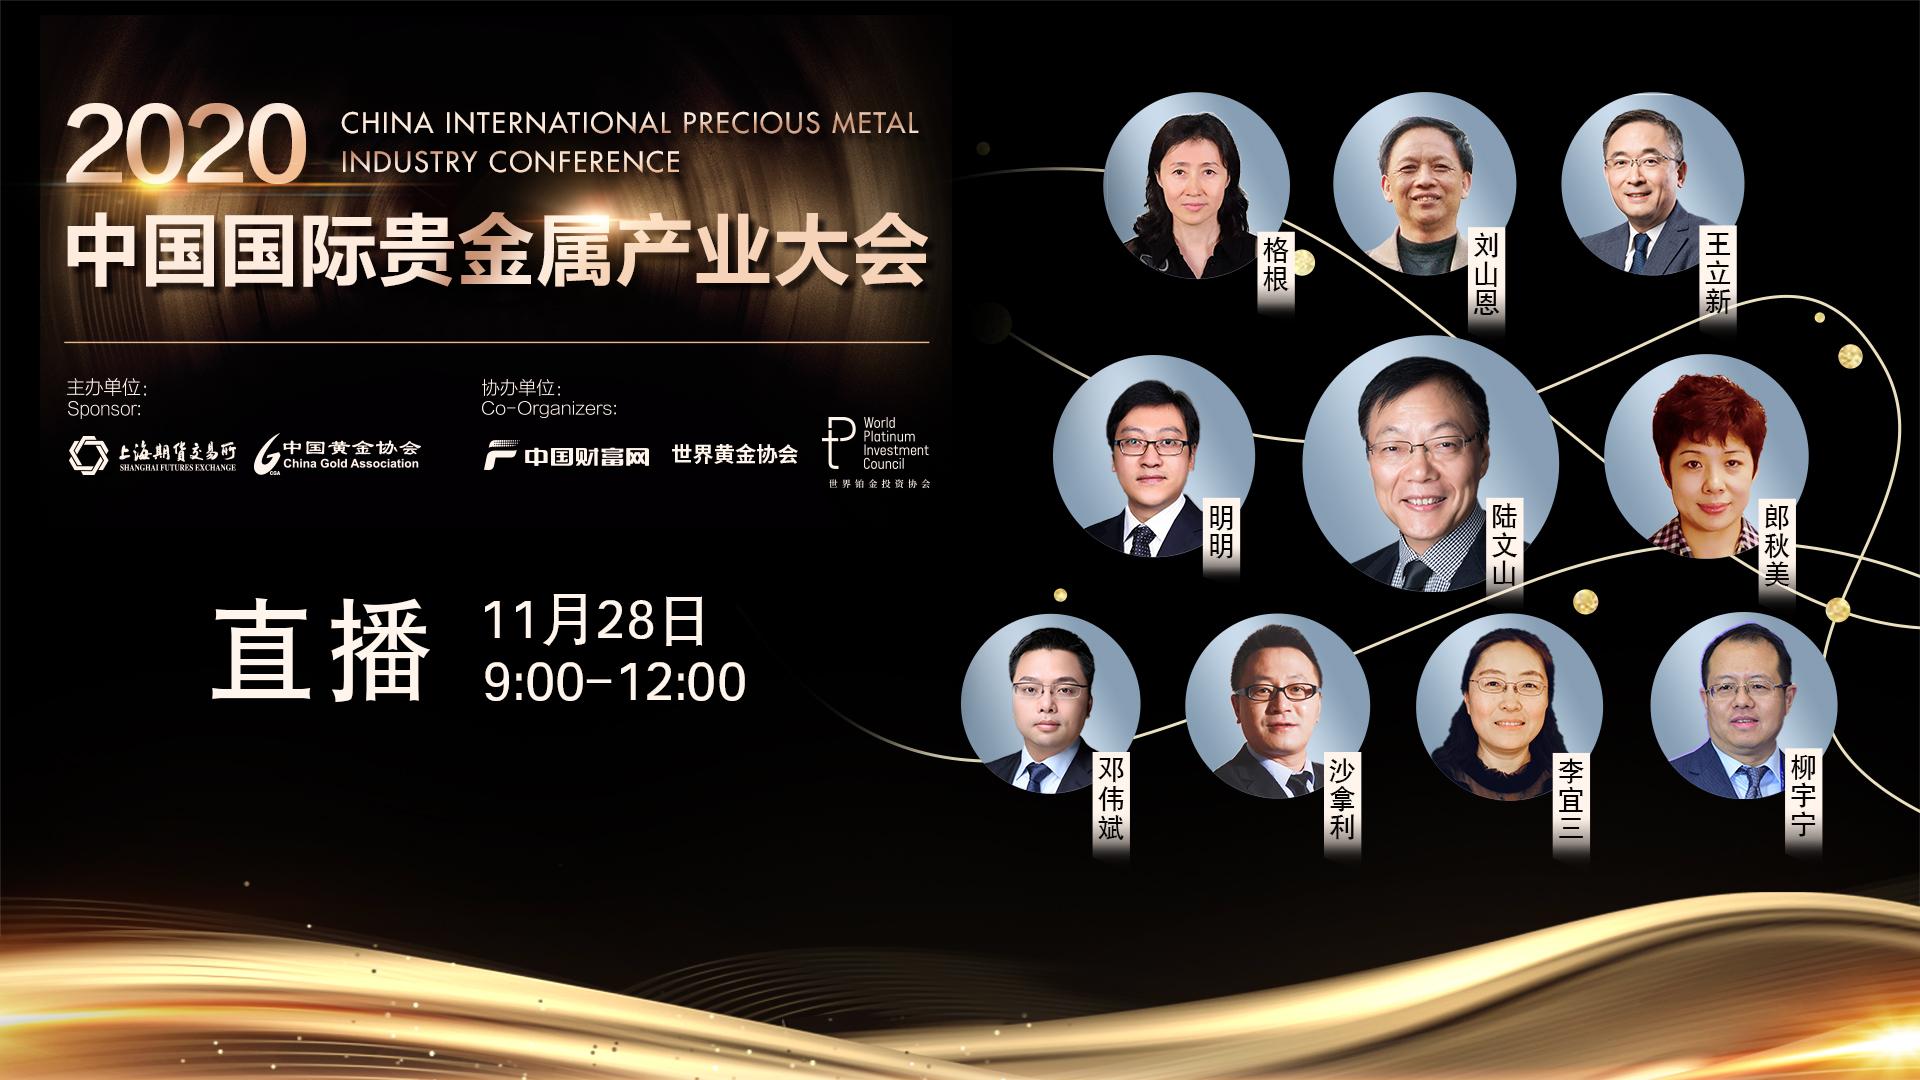 2020中国国际贵金属产业大会